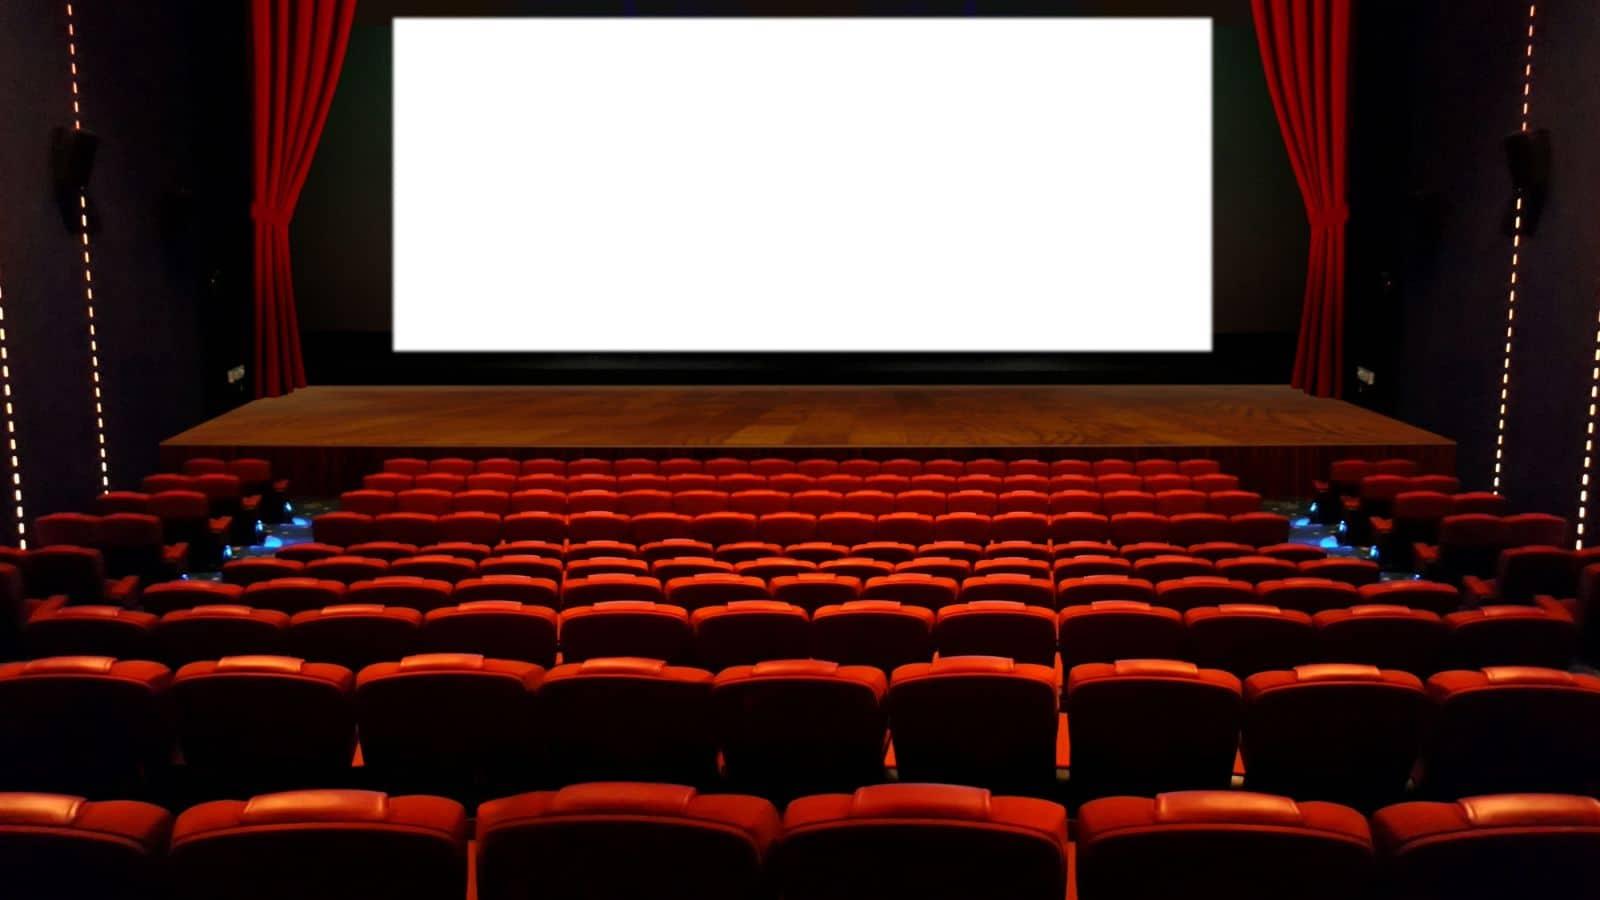 الأفلام المتدفقة